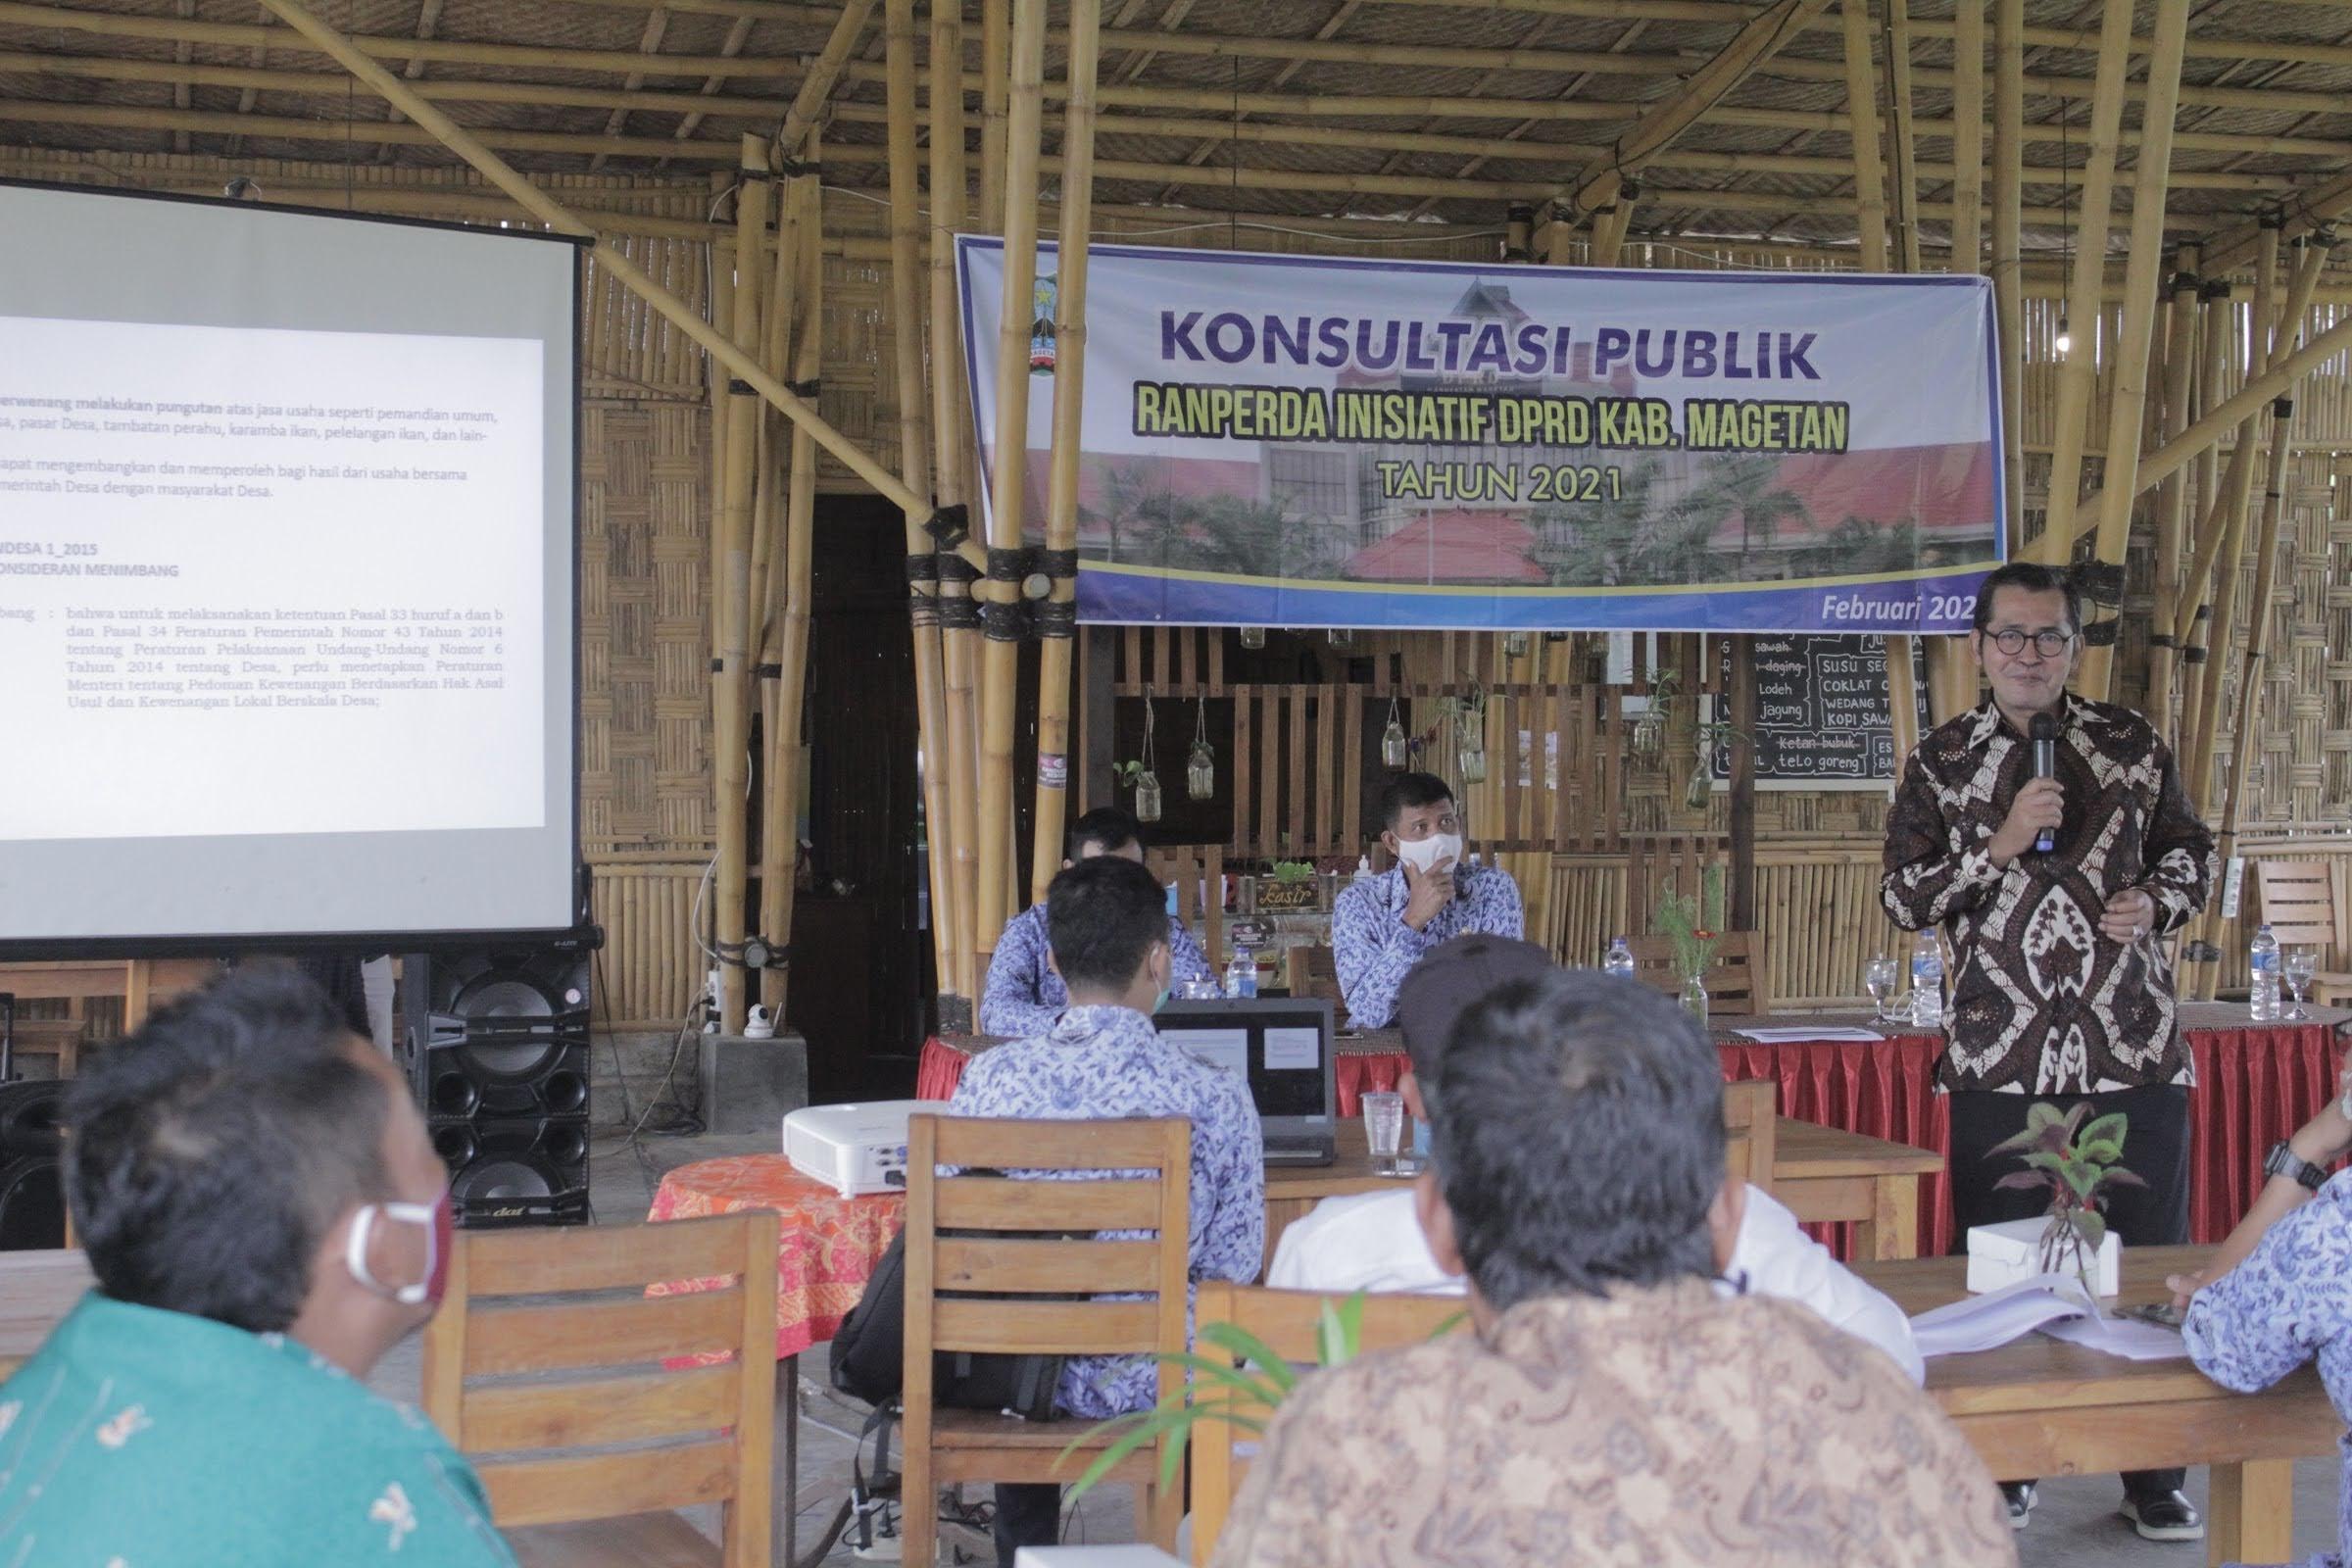 Konsultasi Ranperda Inisiatif Tahun 2021